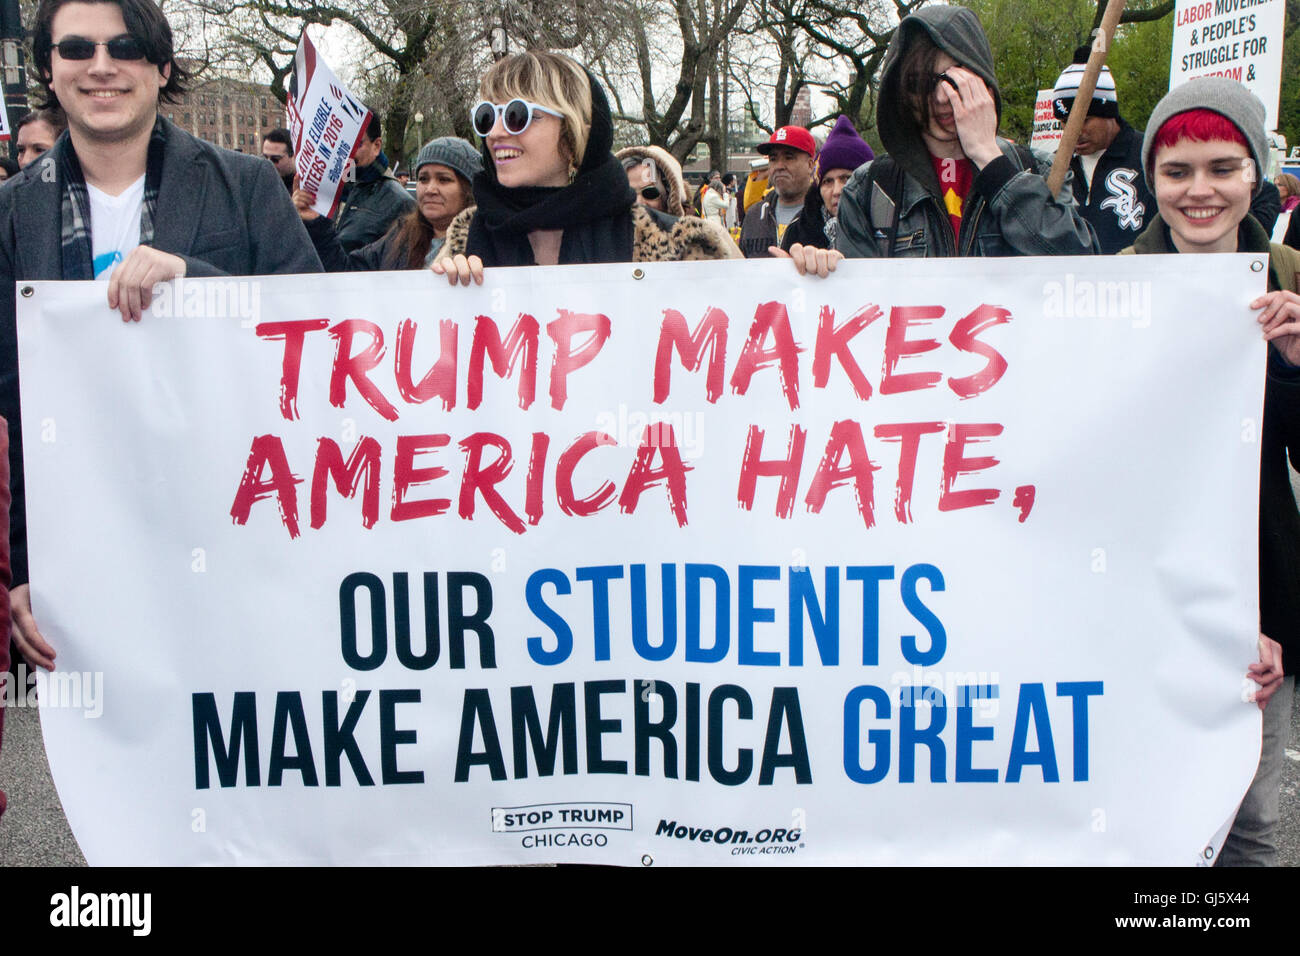 Los estudiantes de marzo con cientos de mayo para protestar por Donald Trump la retórica del discurso del odio. Imagen De Stock